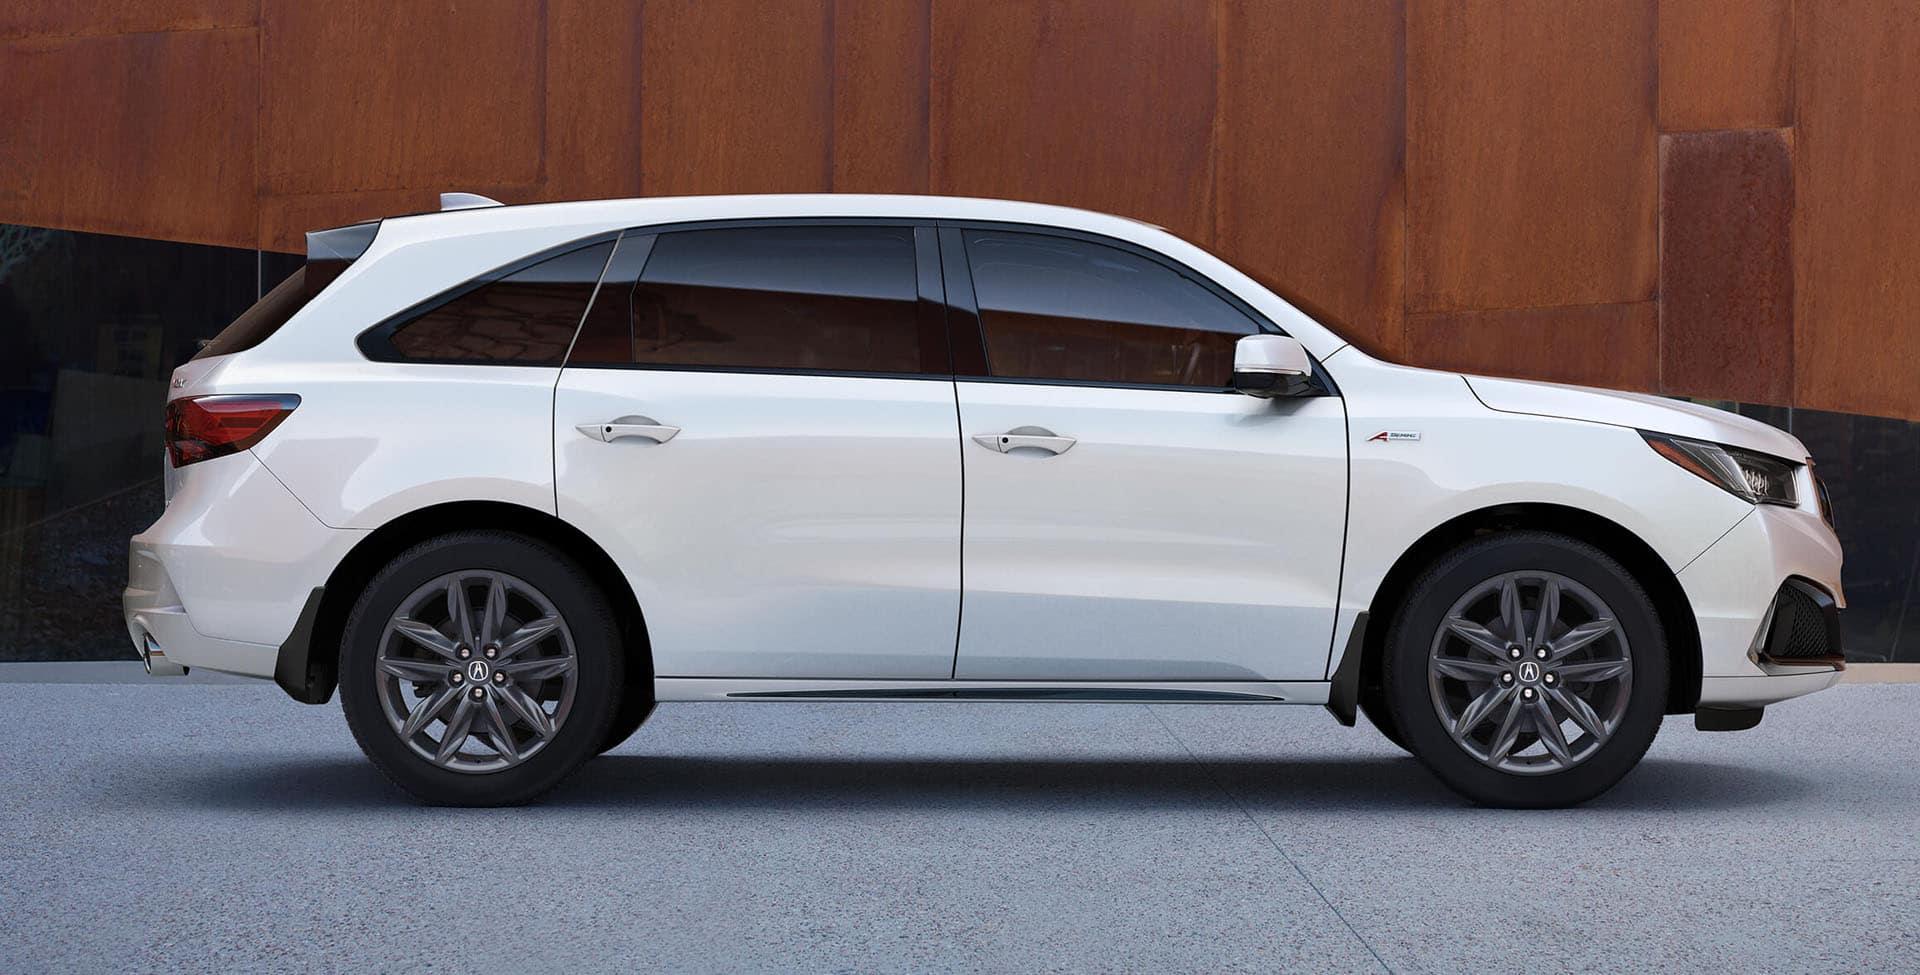 White Acura MDX A-spec